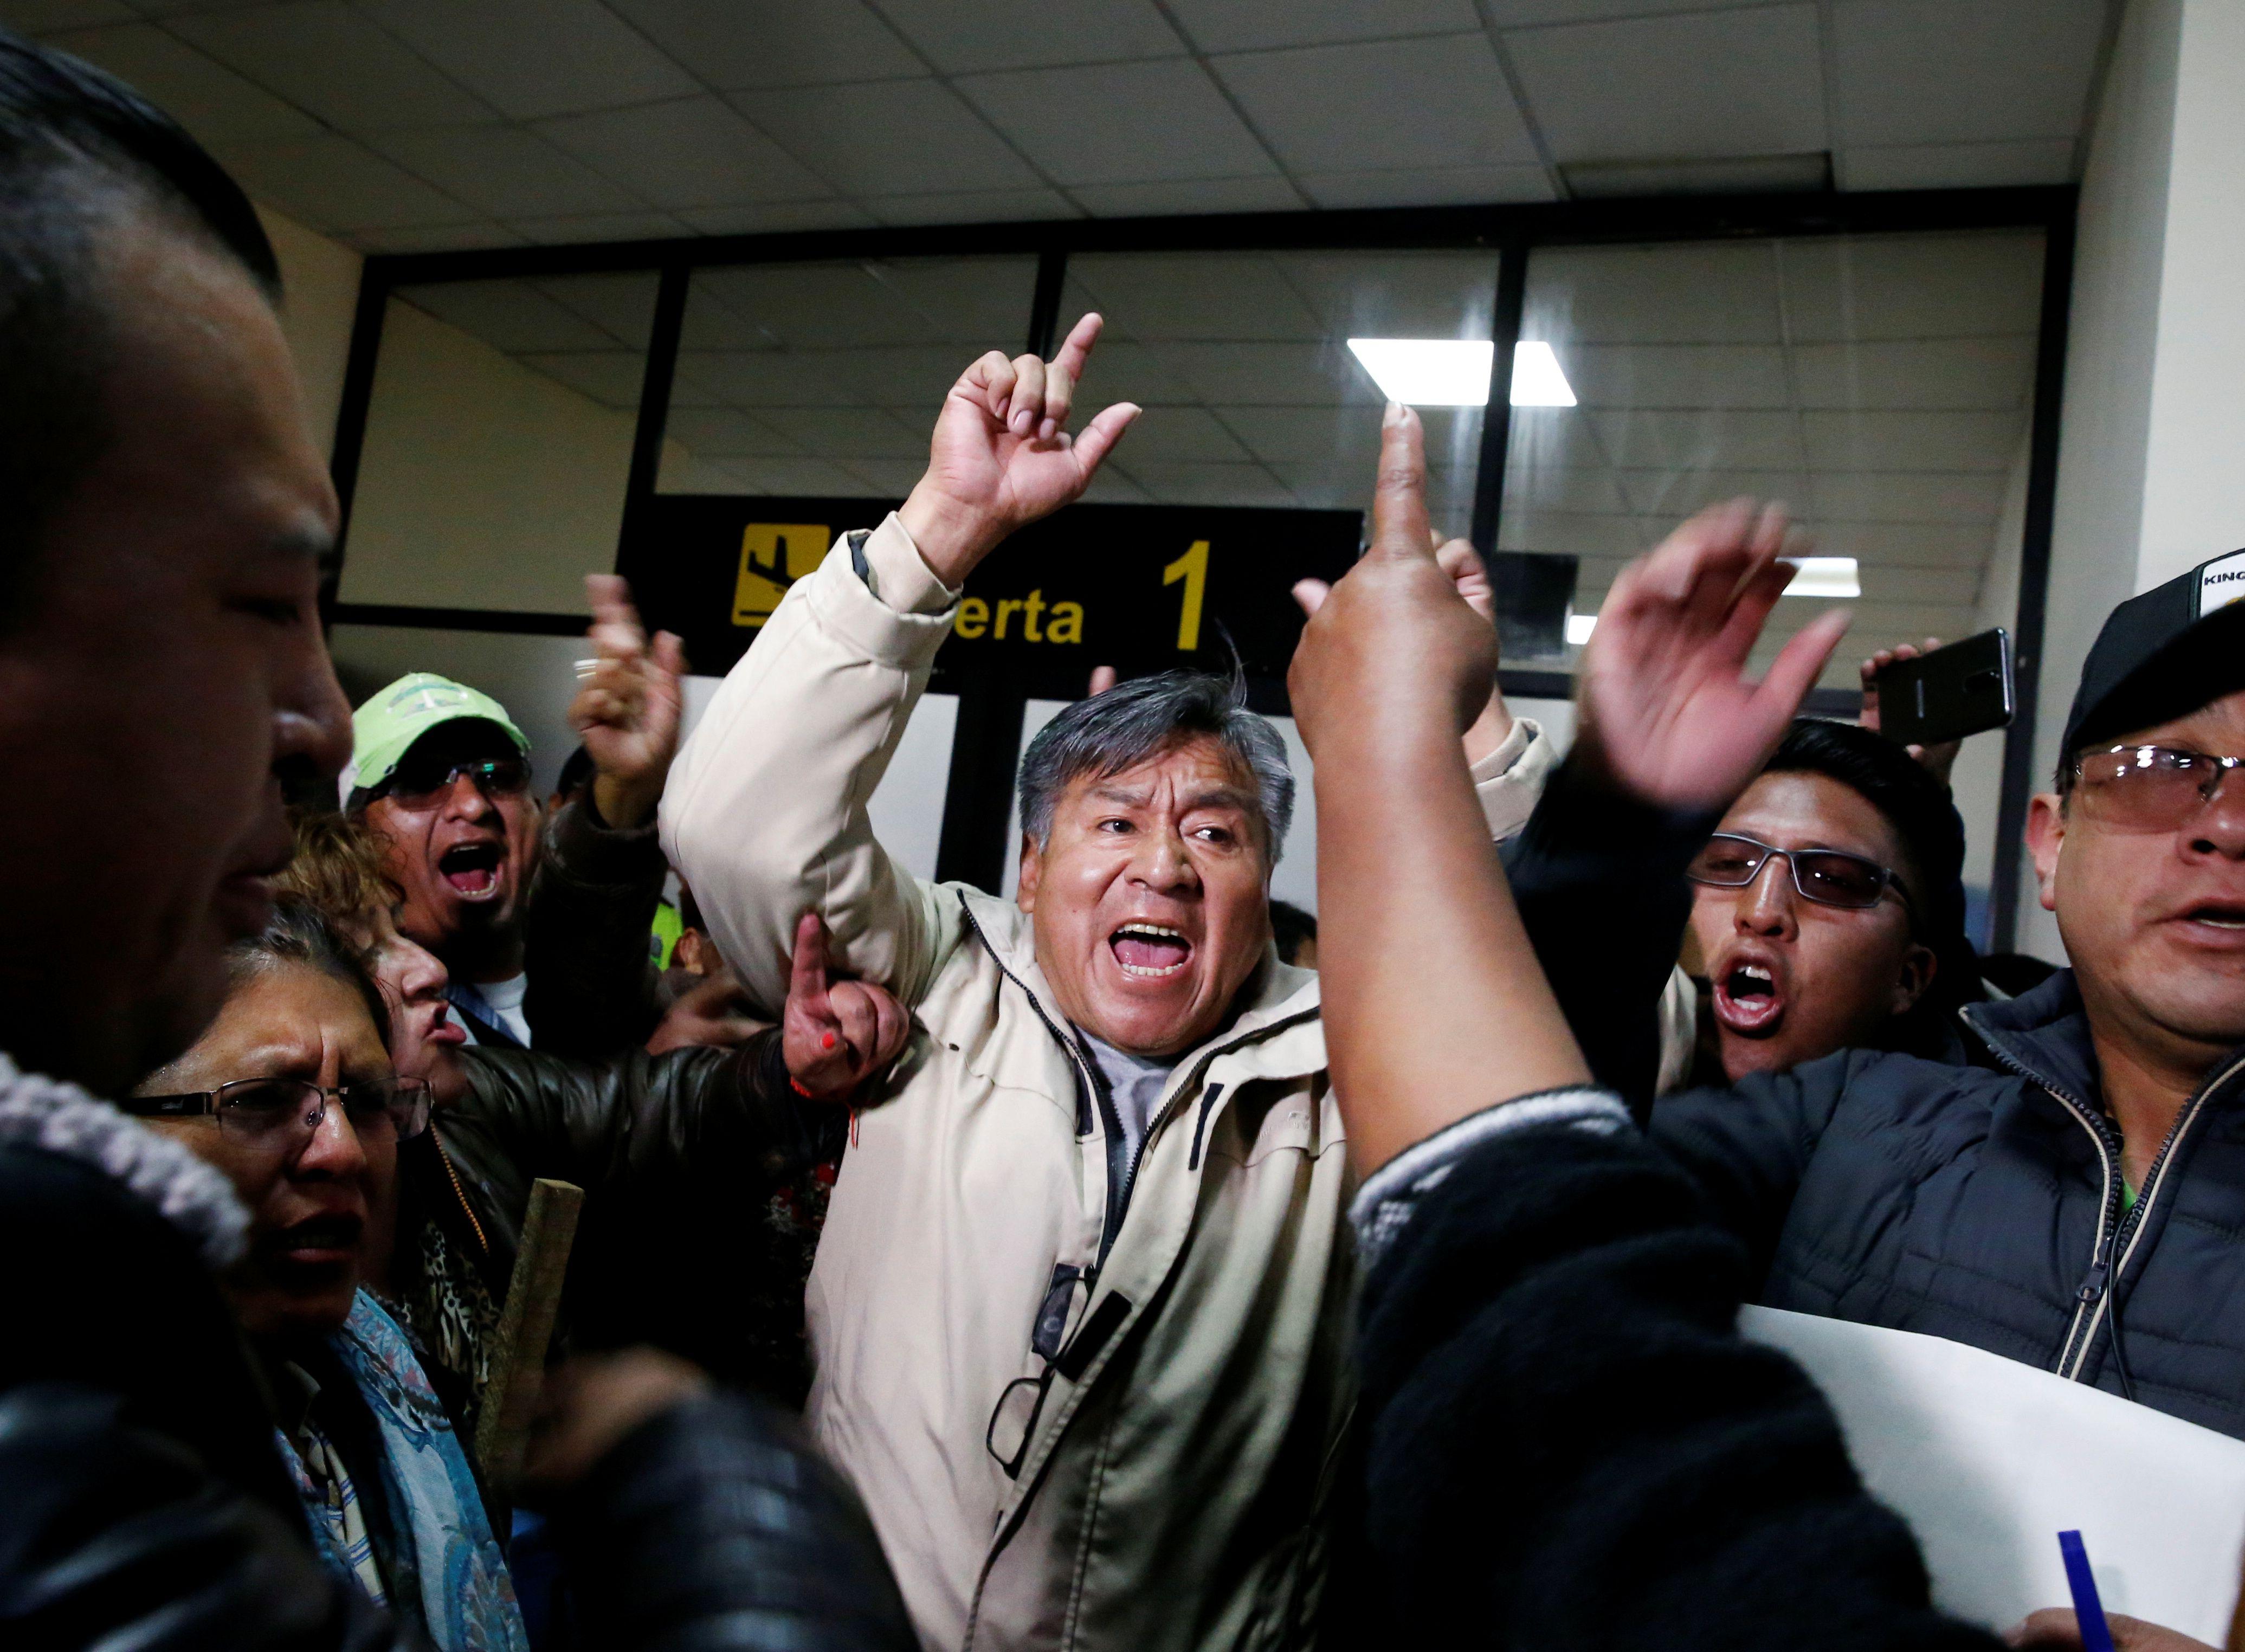 Simpatizantes de Evo Morales tomaron el Aeropuerto de La Paz el martes pasado para impedir el desembarco de Luis Camacho y profirieron amenazas de muerte